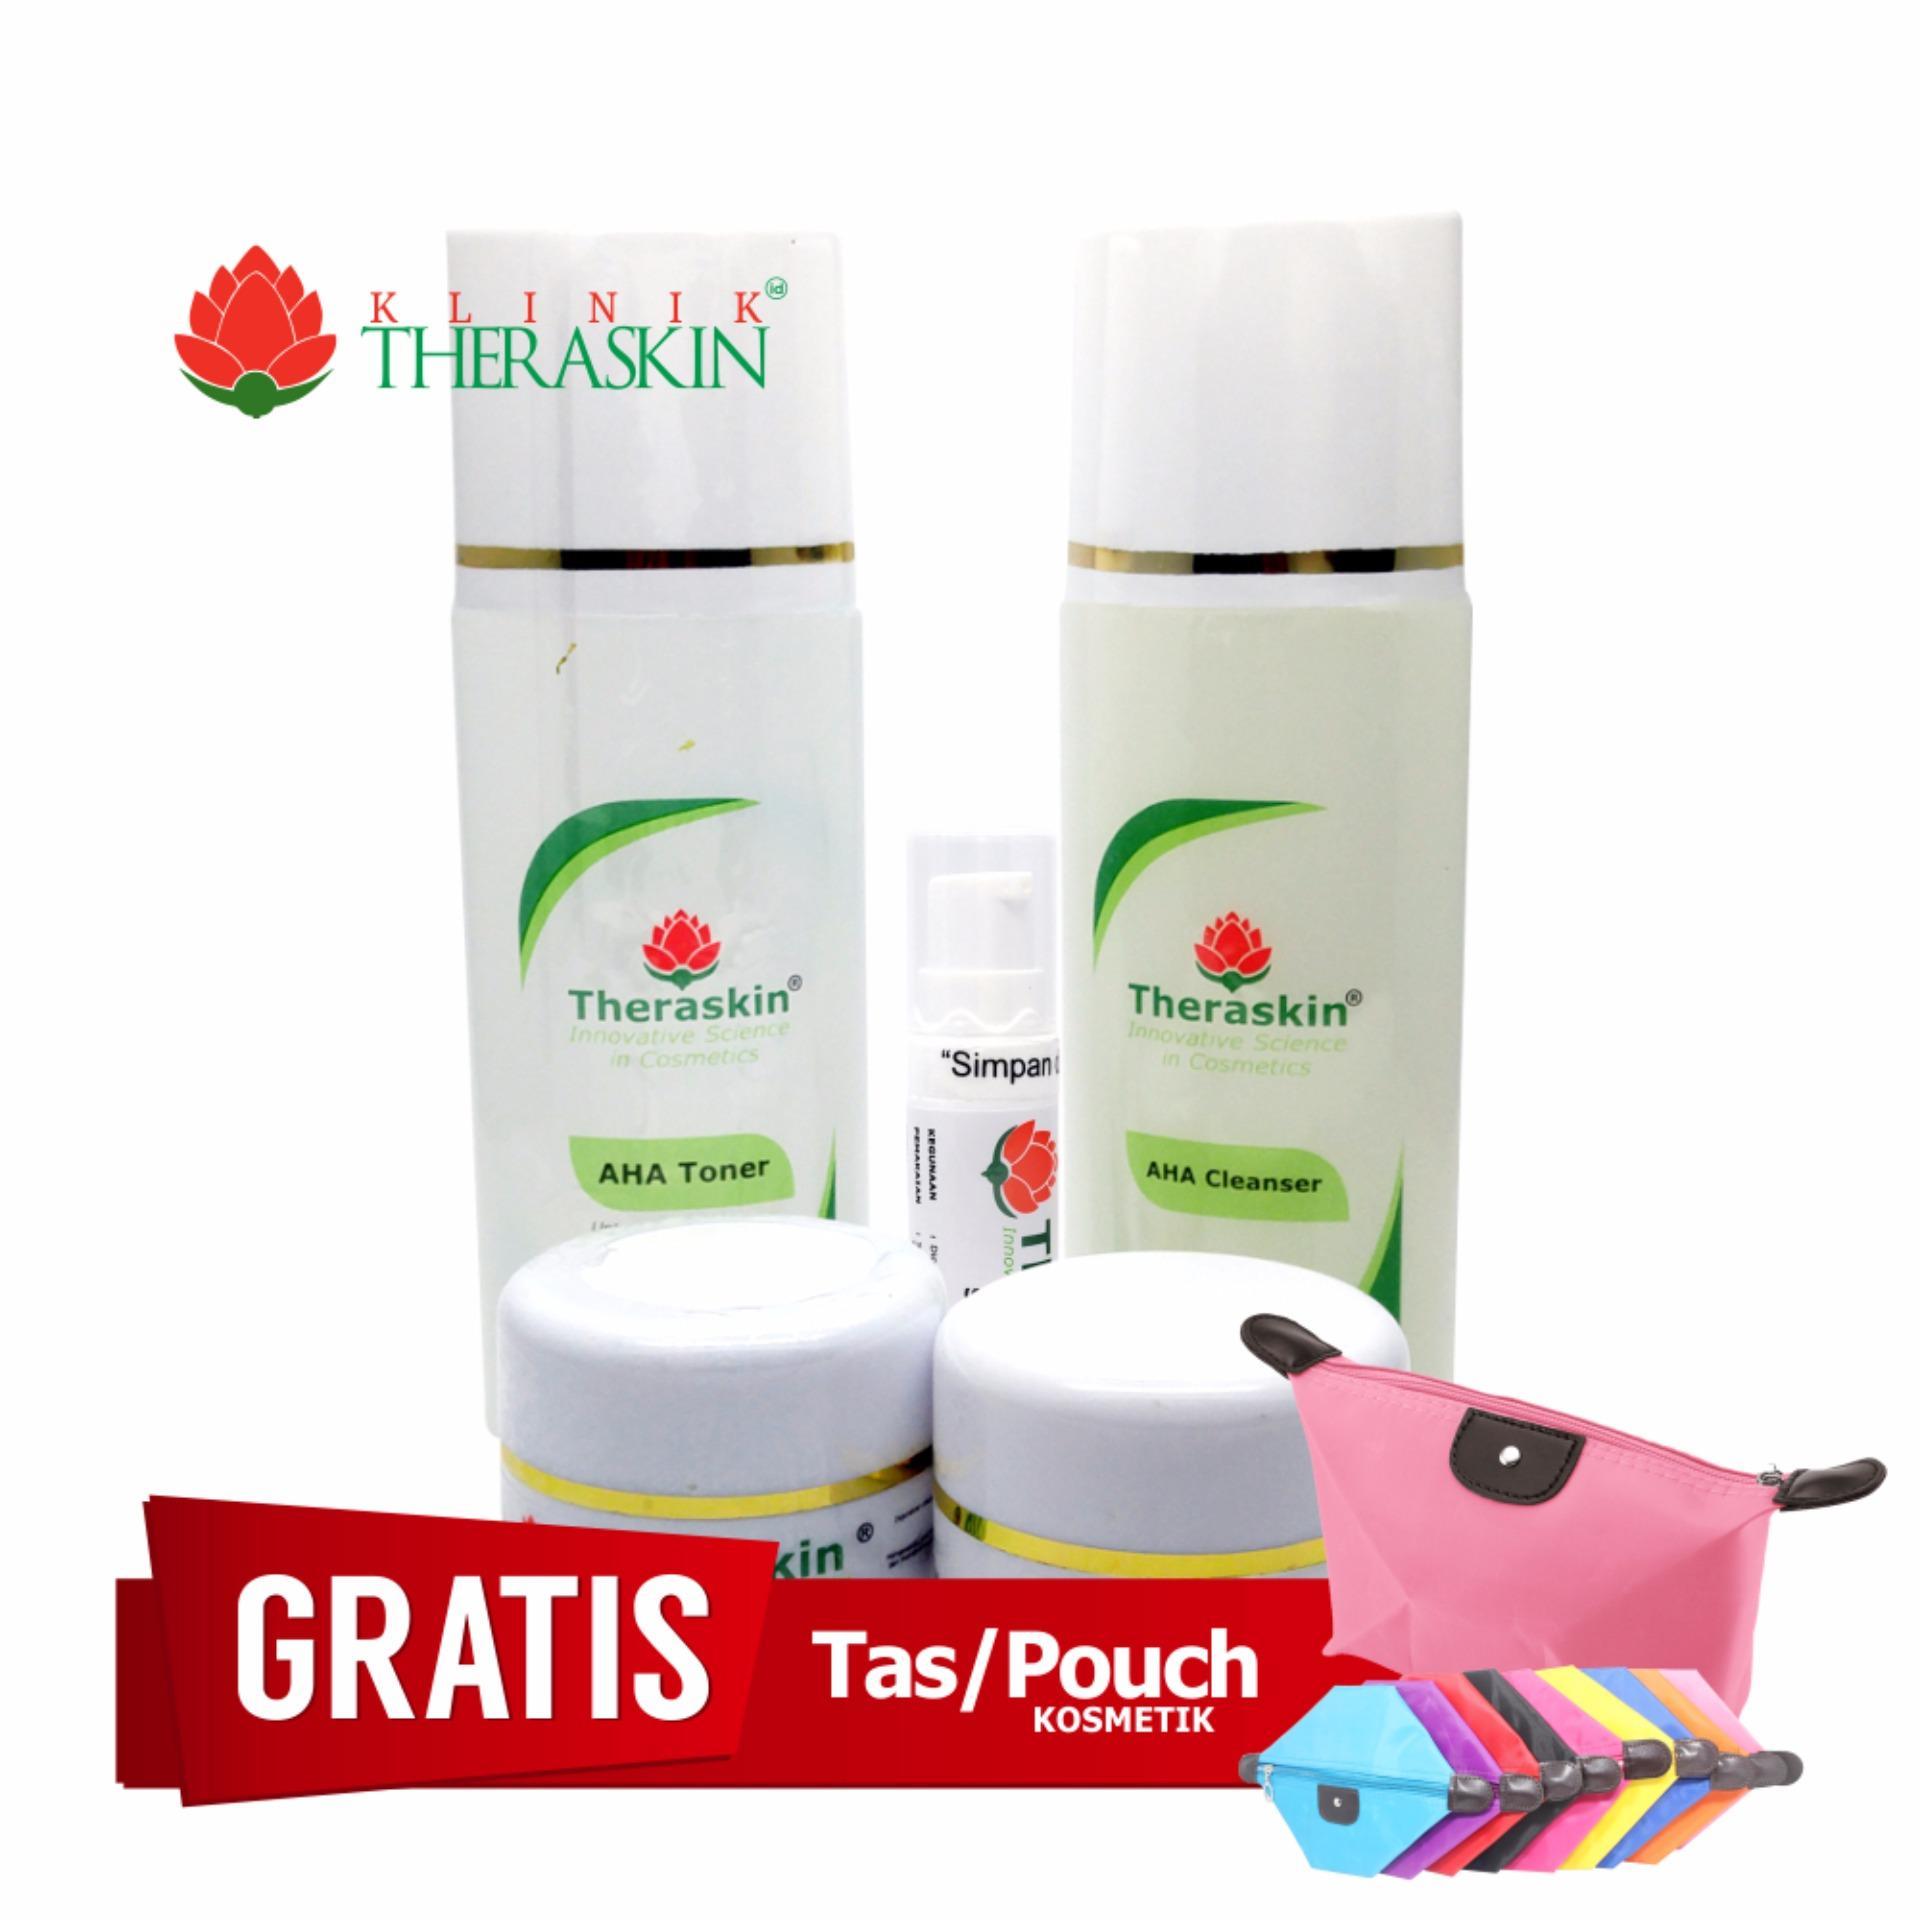 Toko Theraskin Glowing Paket Lengkap Untuk Flek Tebal Flek Sedang Parah Kt 003 Gratis Pouch Theraskin Di Jawa Barat